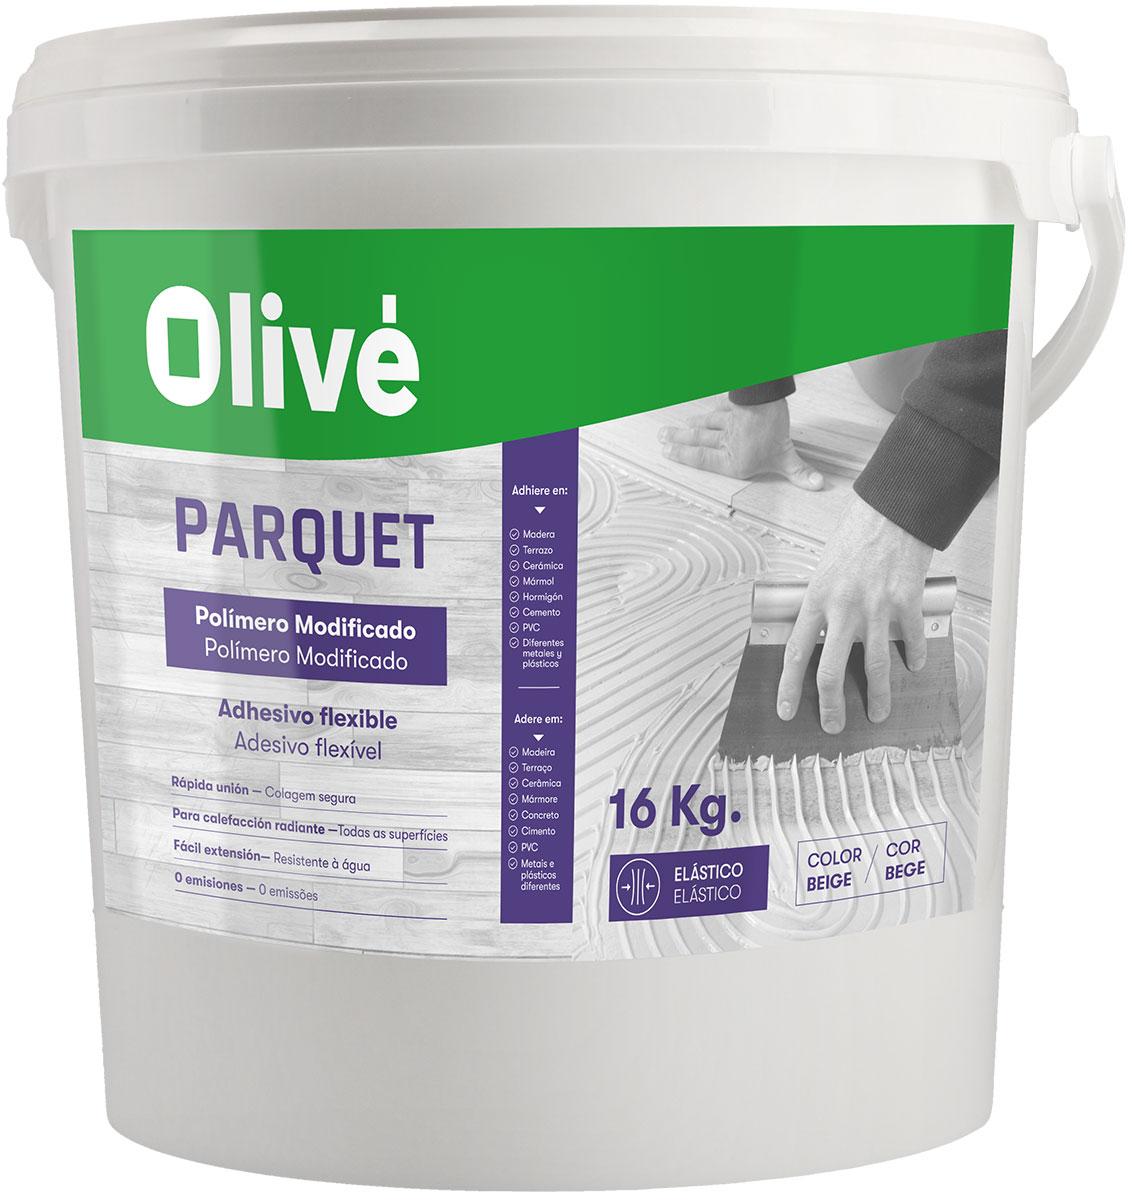 olivé parquet polímero